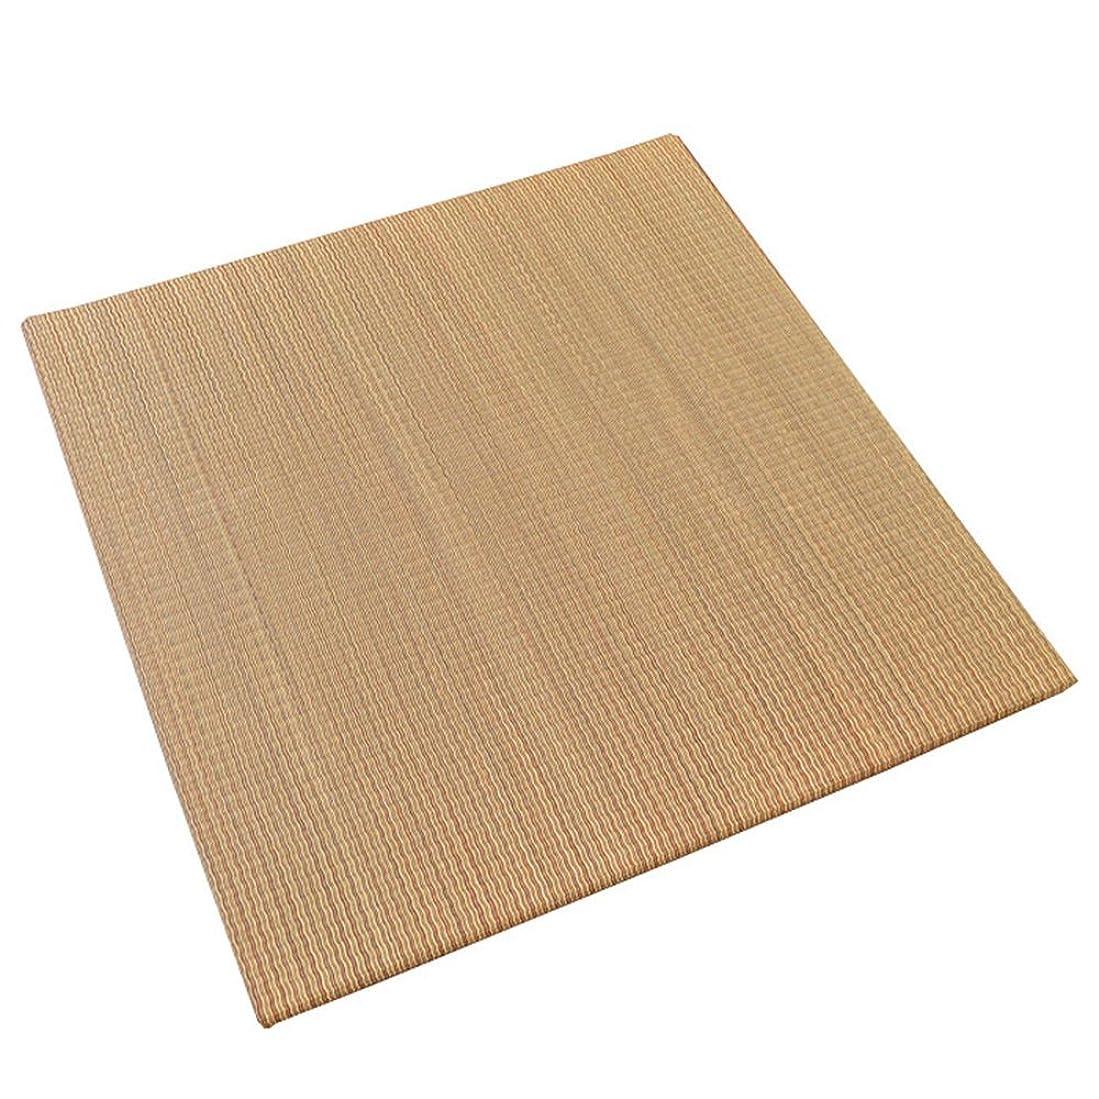 潤滑するなしで引き受ける?同色6枚セット? 置き畳 半畳 ×6枚 3畳分 「綾川」 ブラウン い草 ユニット畳 ふちなし 厚み2.5cm 軽量 コンパクト 正方形 82×82cm